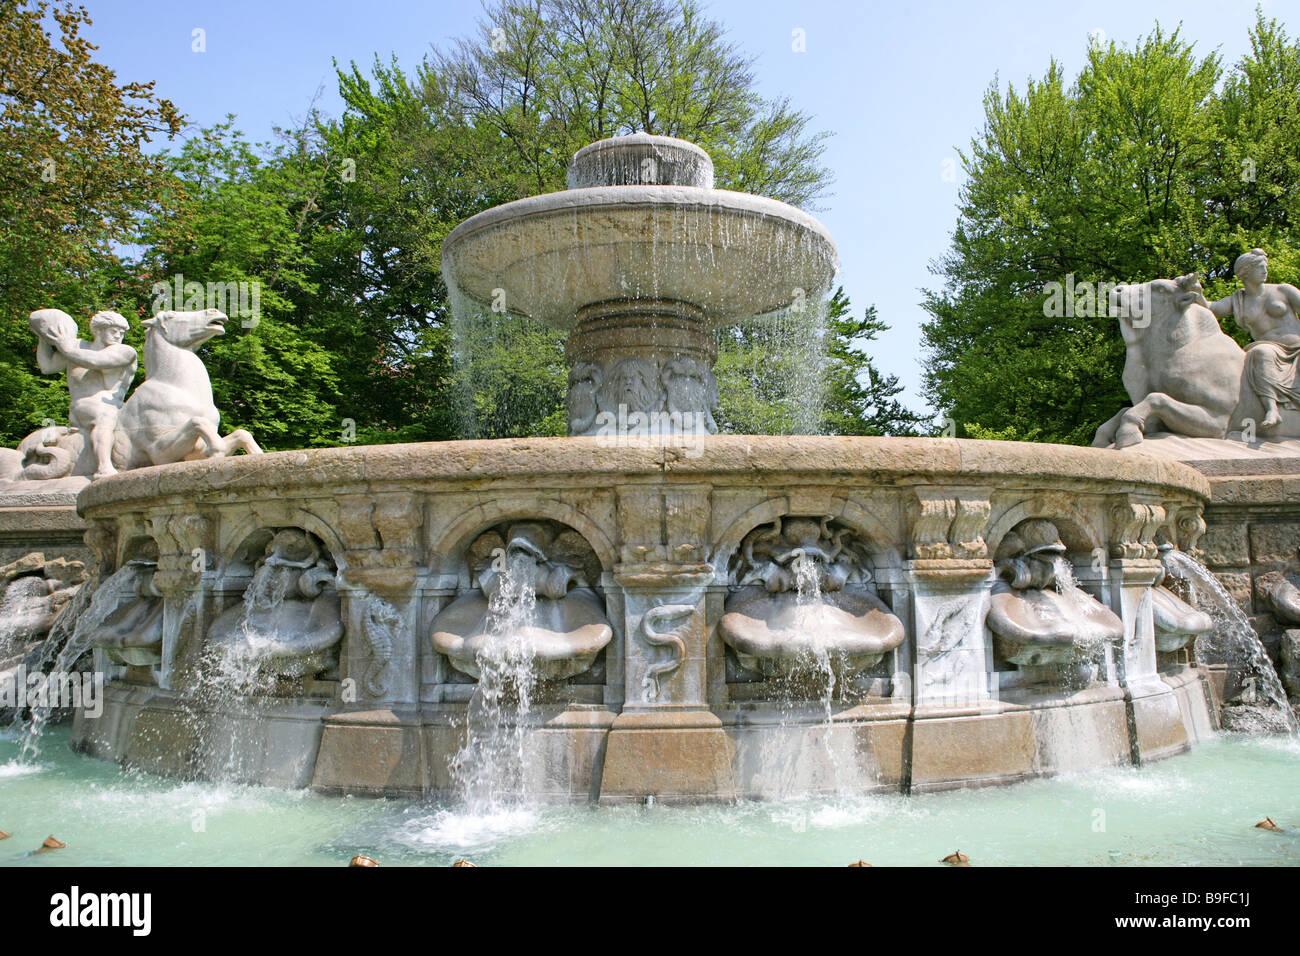 Alemania Baviera Munich Wittelsbacher Brunnen Adolf de hildebrandt Baviera escultura escultor-arte y la instalación de pozos Foto de stock